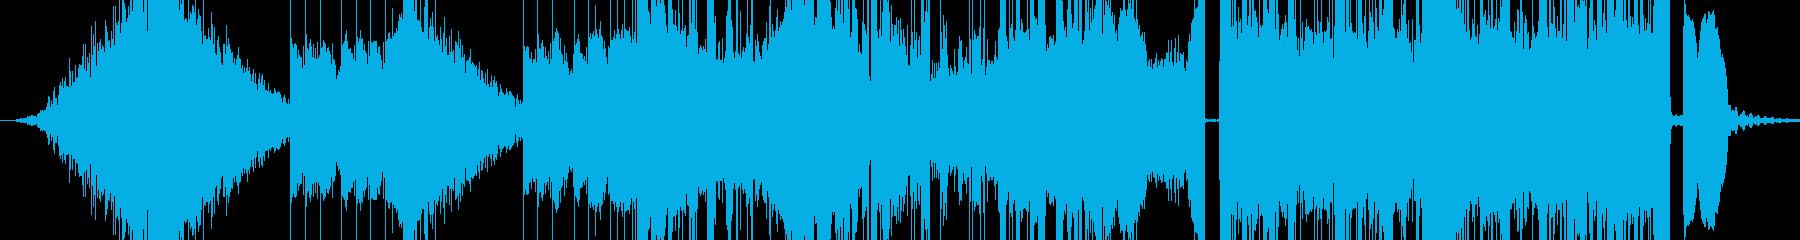 実験的な バトル 焦り テクノロジ...の再生済みの波形